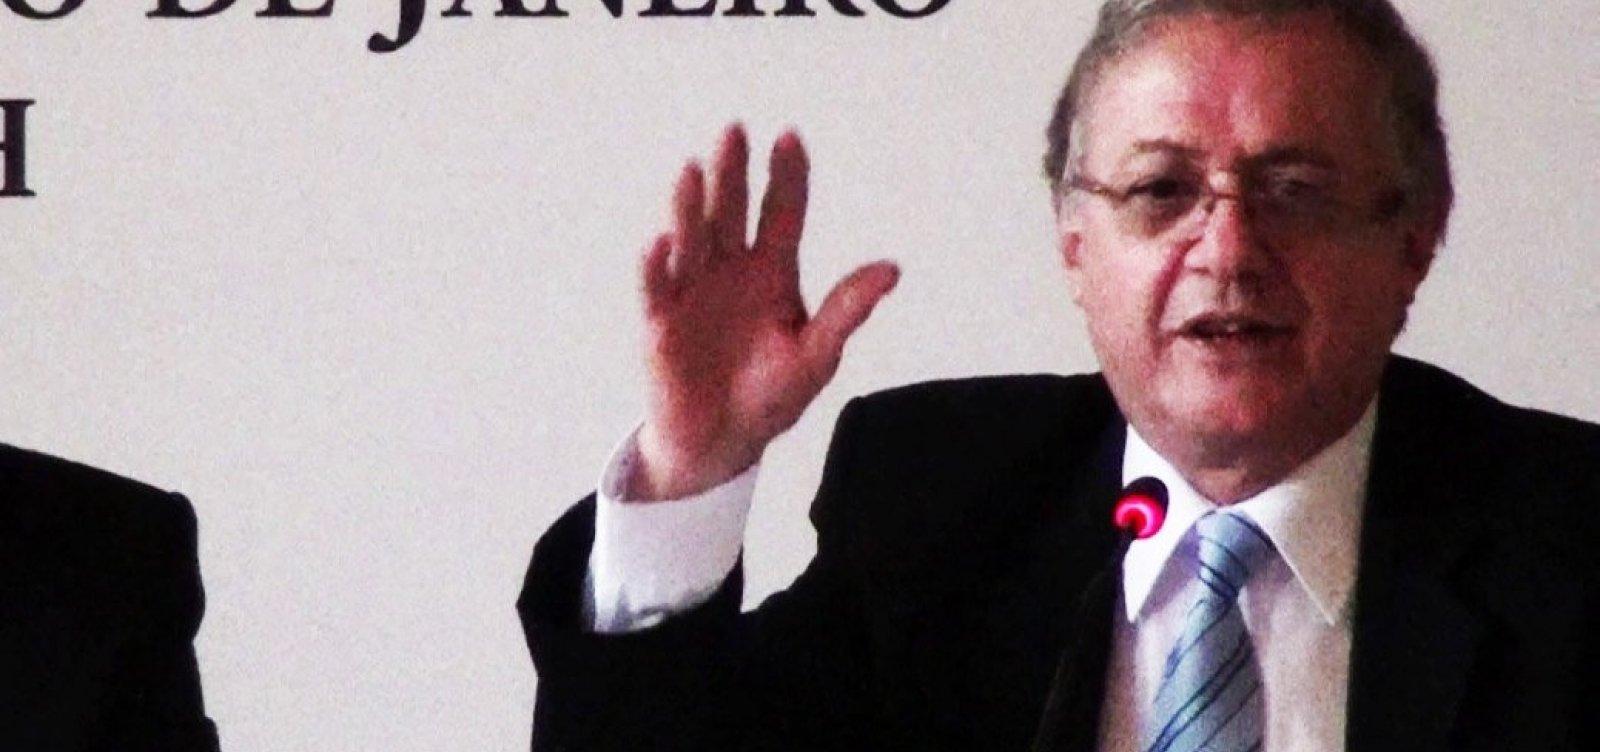 [Ministro da Educação de Bolsonaro defende conselhos de ética nas escolas]